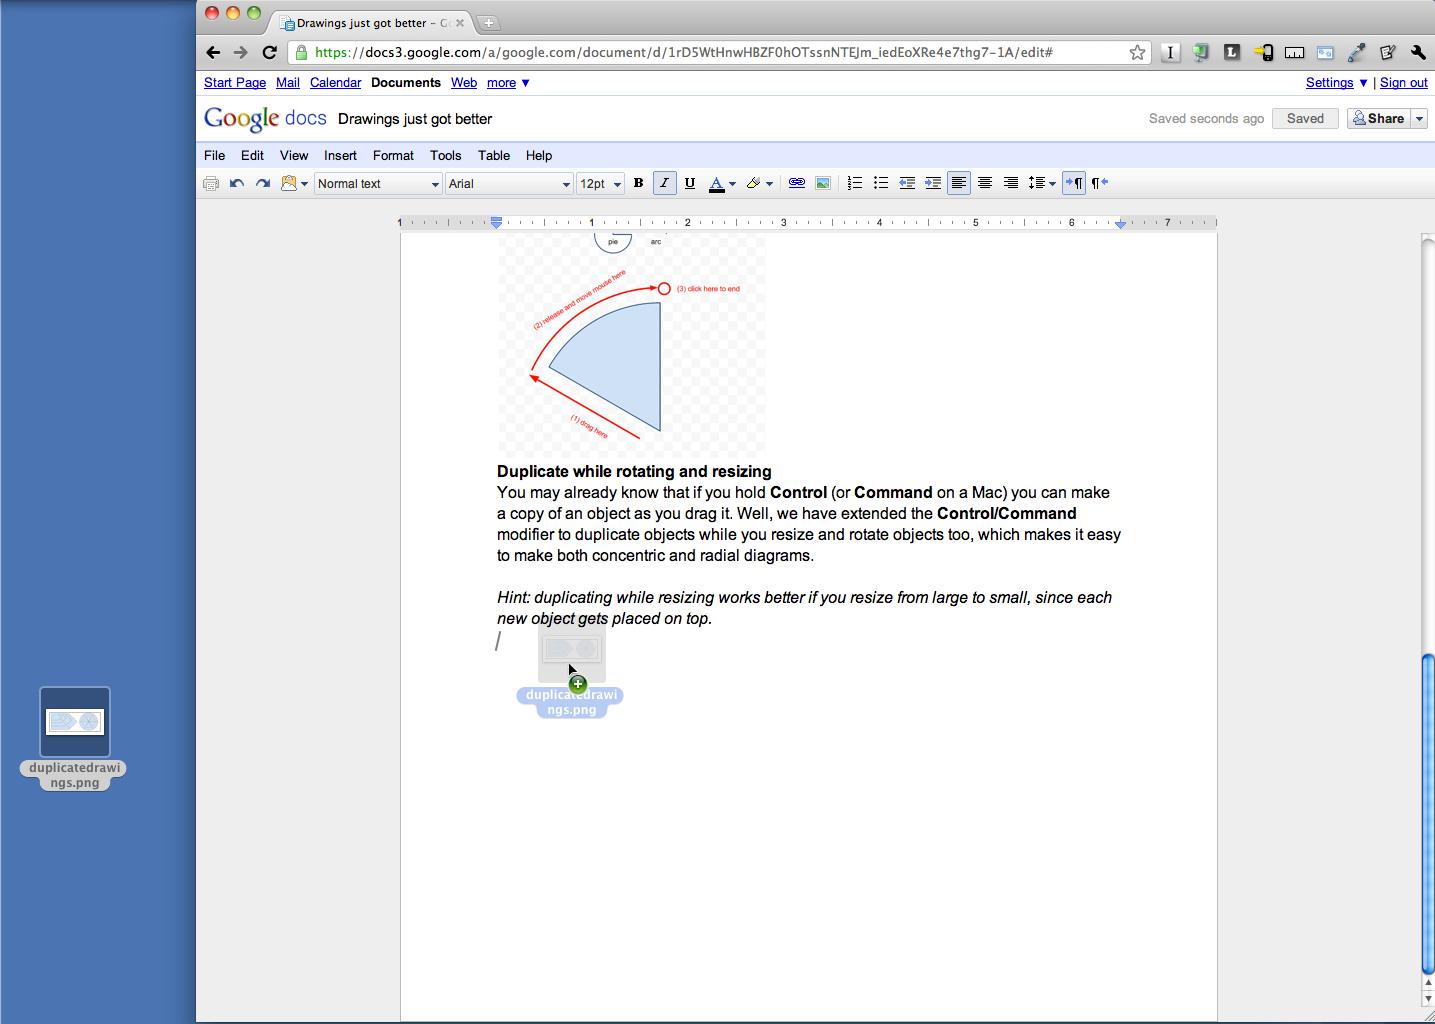 Une nouvelle manière d'insérer des images dans Google Docs